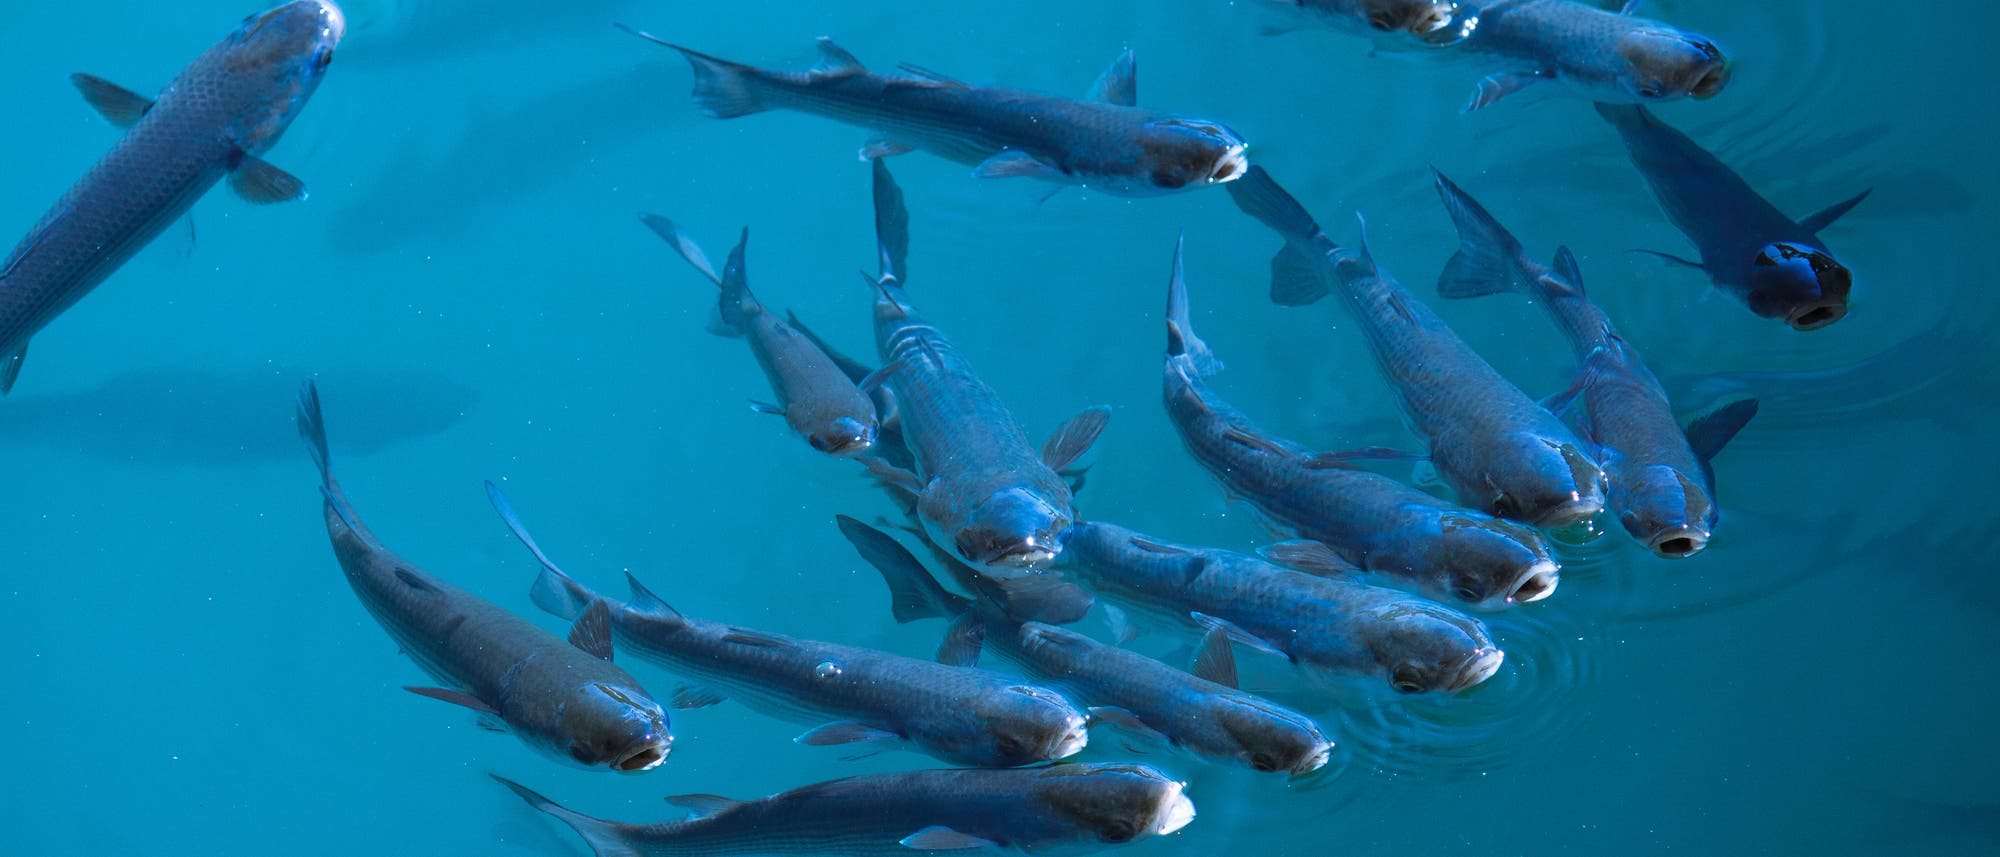 Fisch statt Fleisch